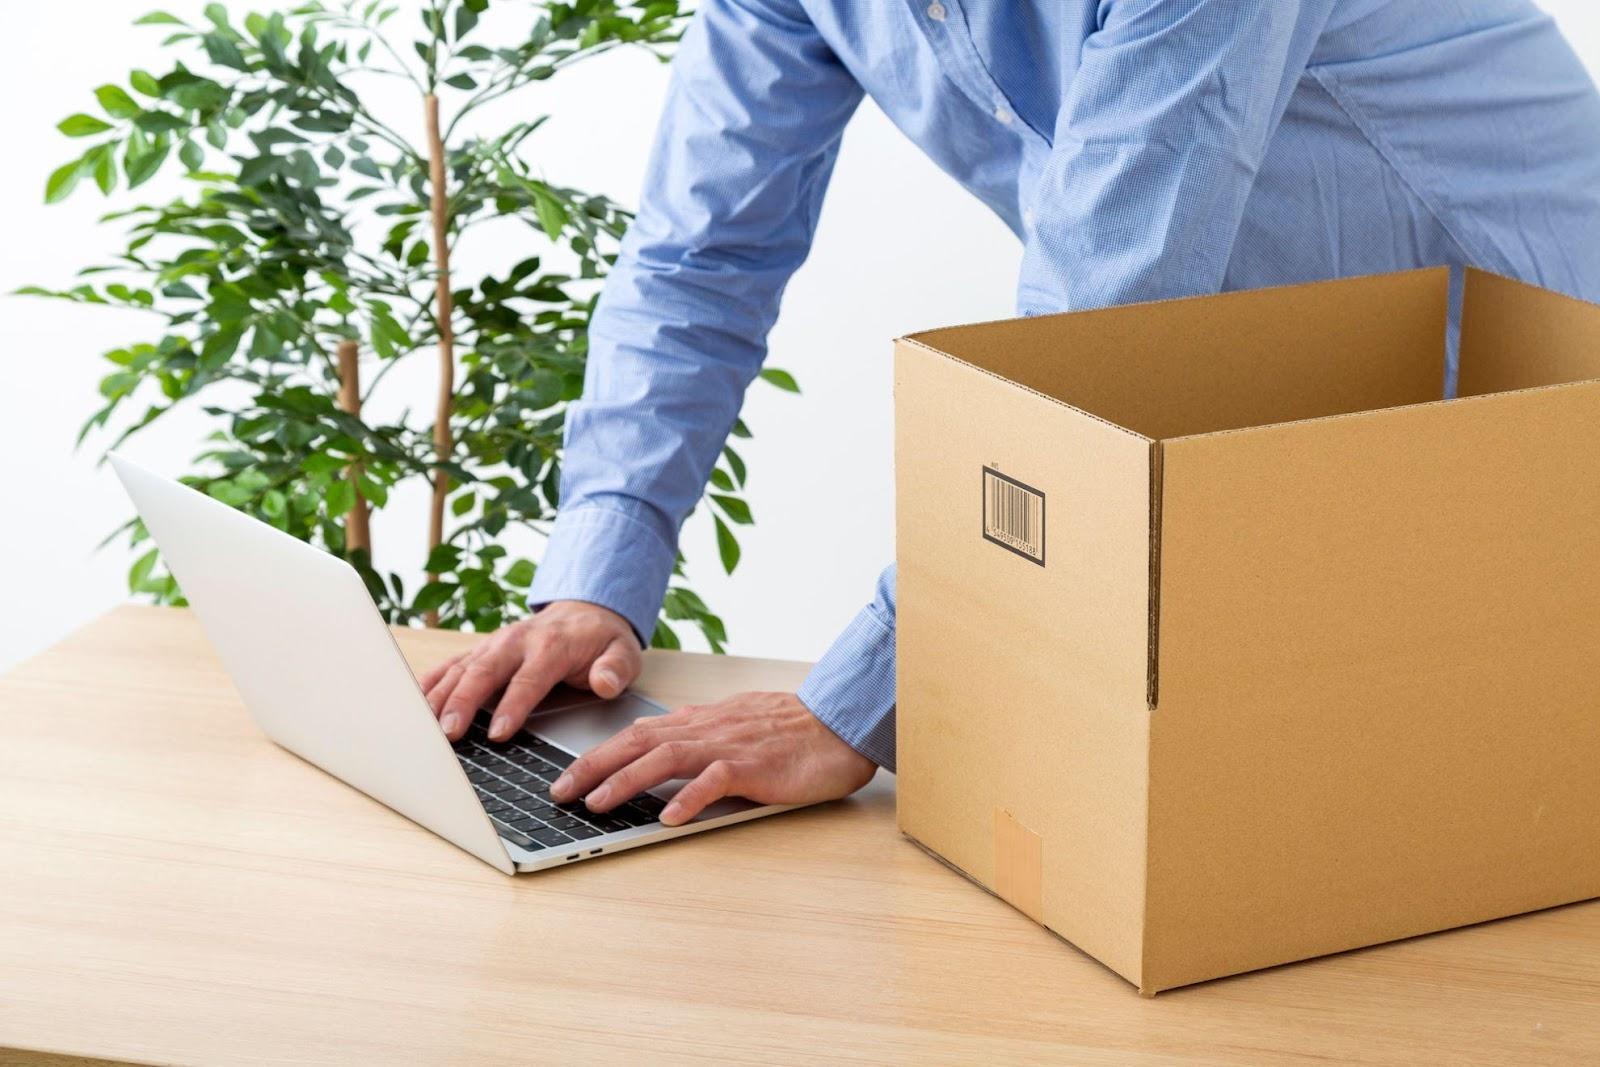 人, ノートパソコン, 男, ボックス が含まれている画像  自動的に生成された説明